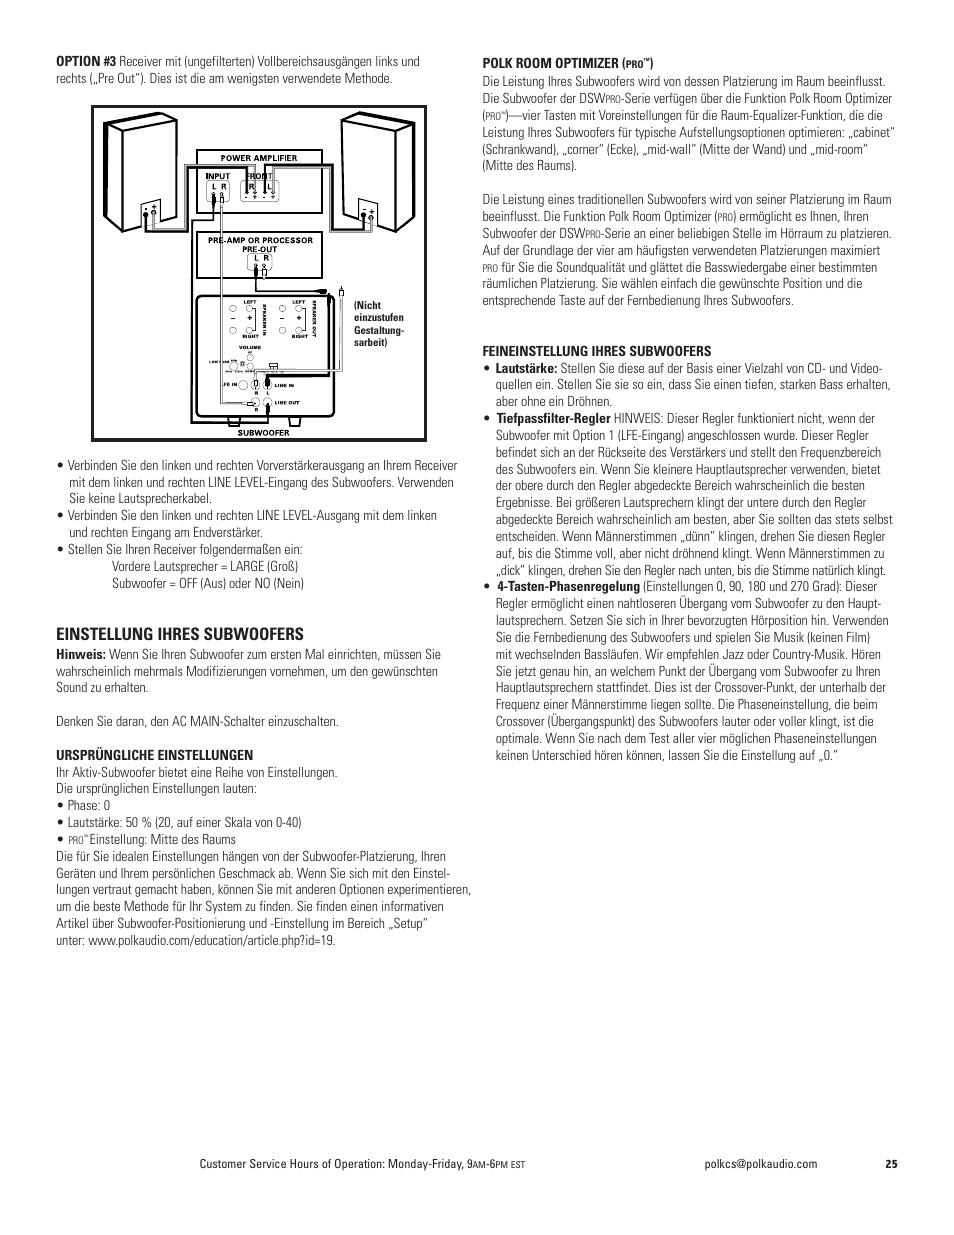 Einstellung ihres subwoofers | Polk Audio DSW PRO 400 User Manual ...